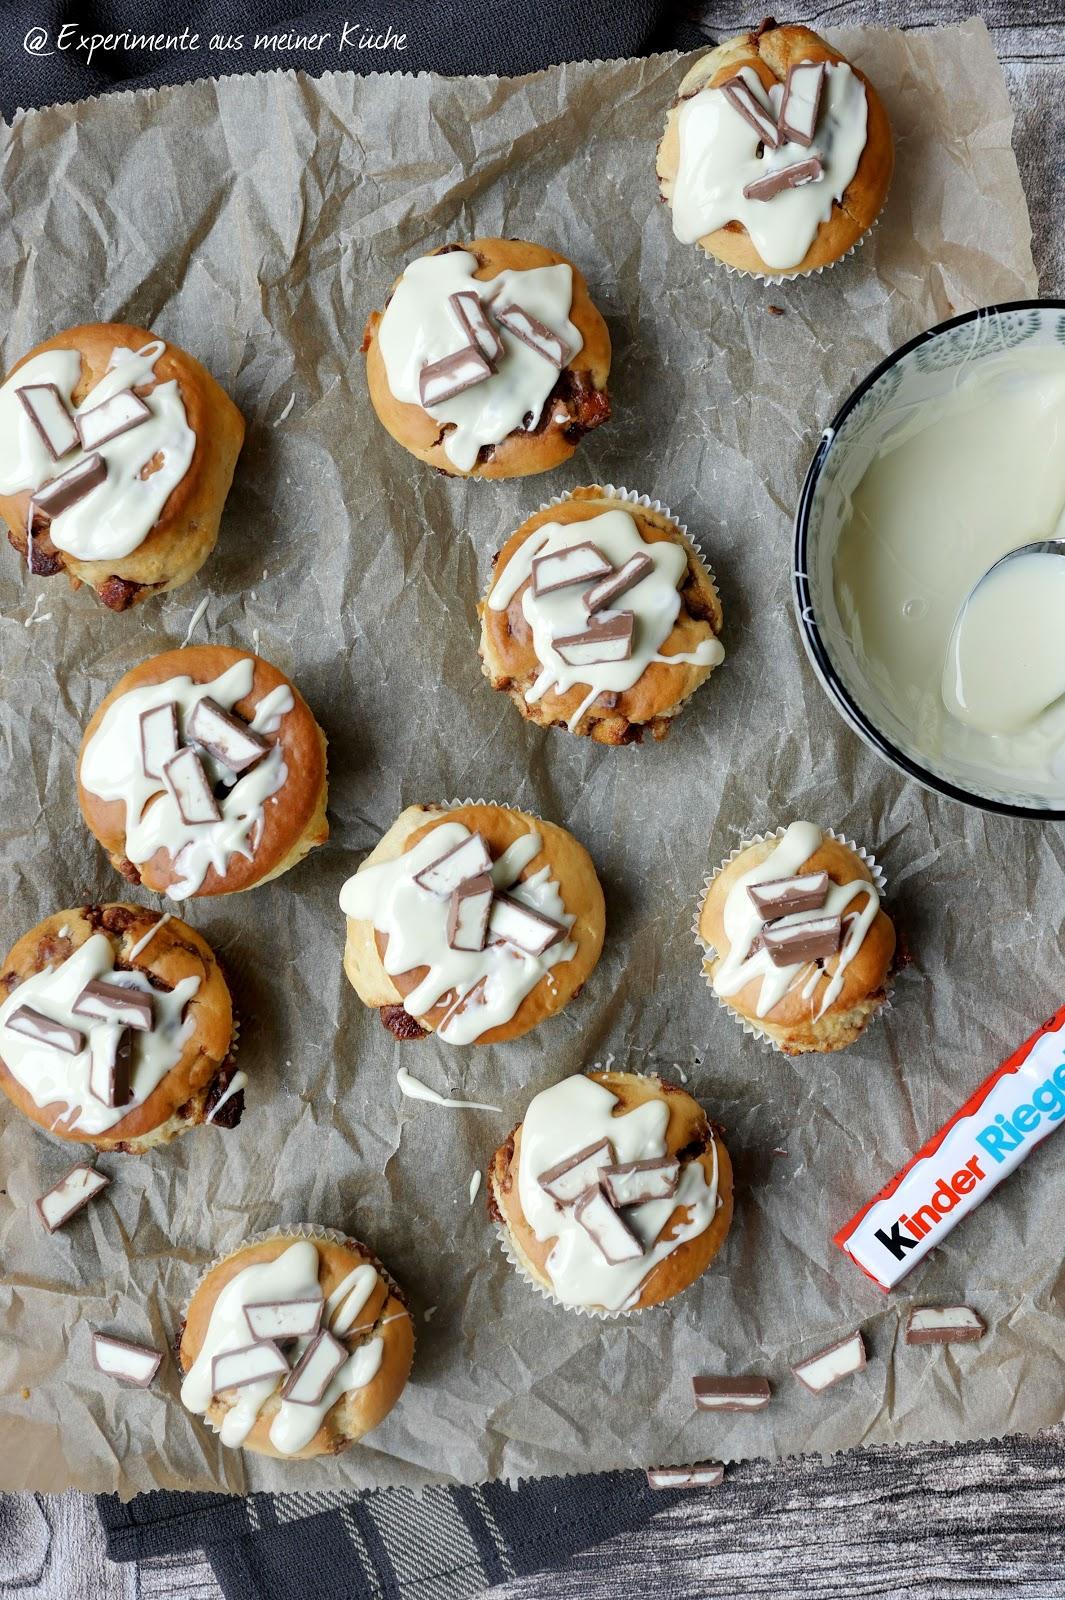 Experimente Aus Meiner Kuche Kinderschokoladen Muffins